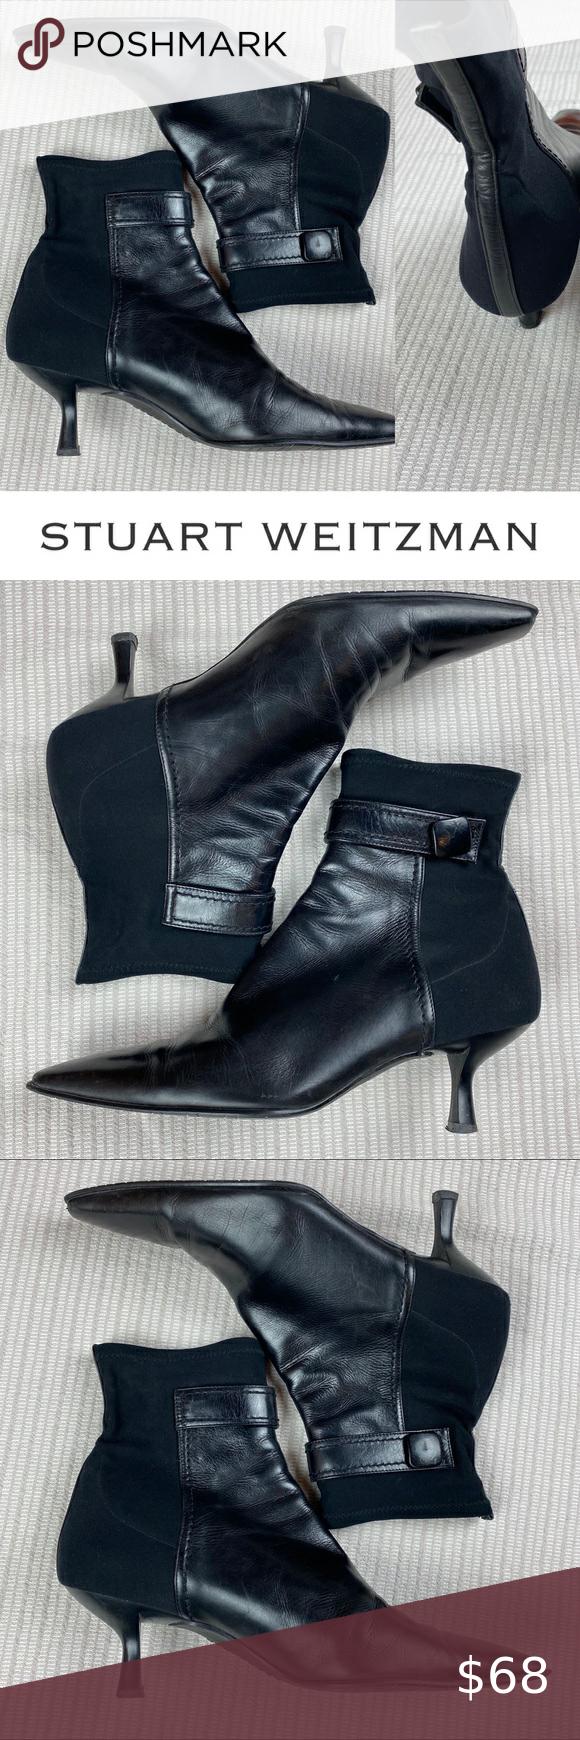 Stuart Weitzman Leather Ankle Boots Kitten Heel In 2020 Leather Ankle Boots Halloween Shoes Kitten Heels